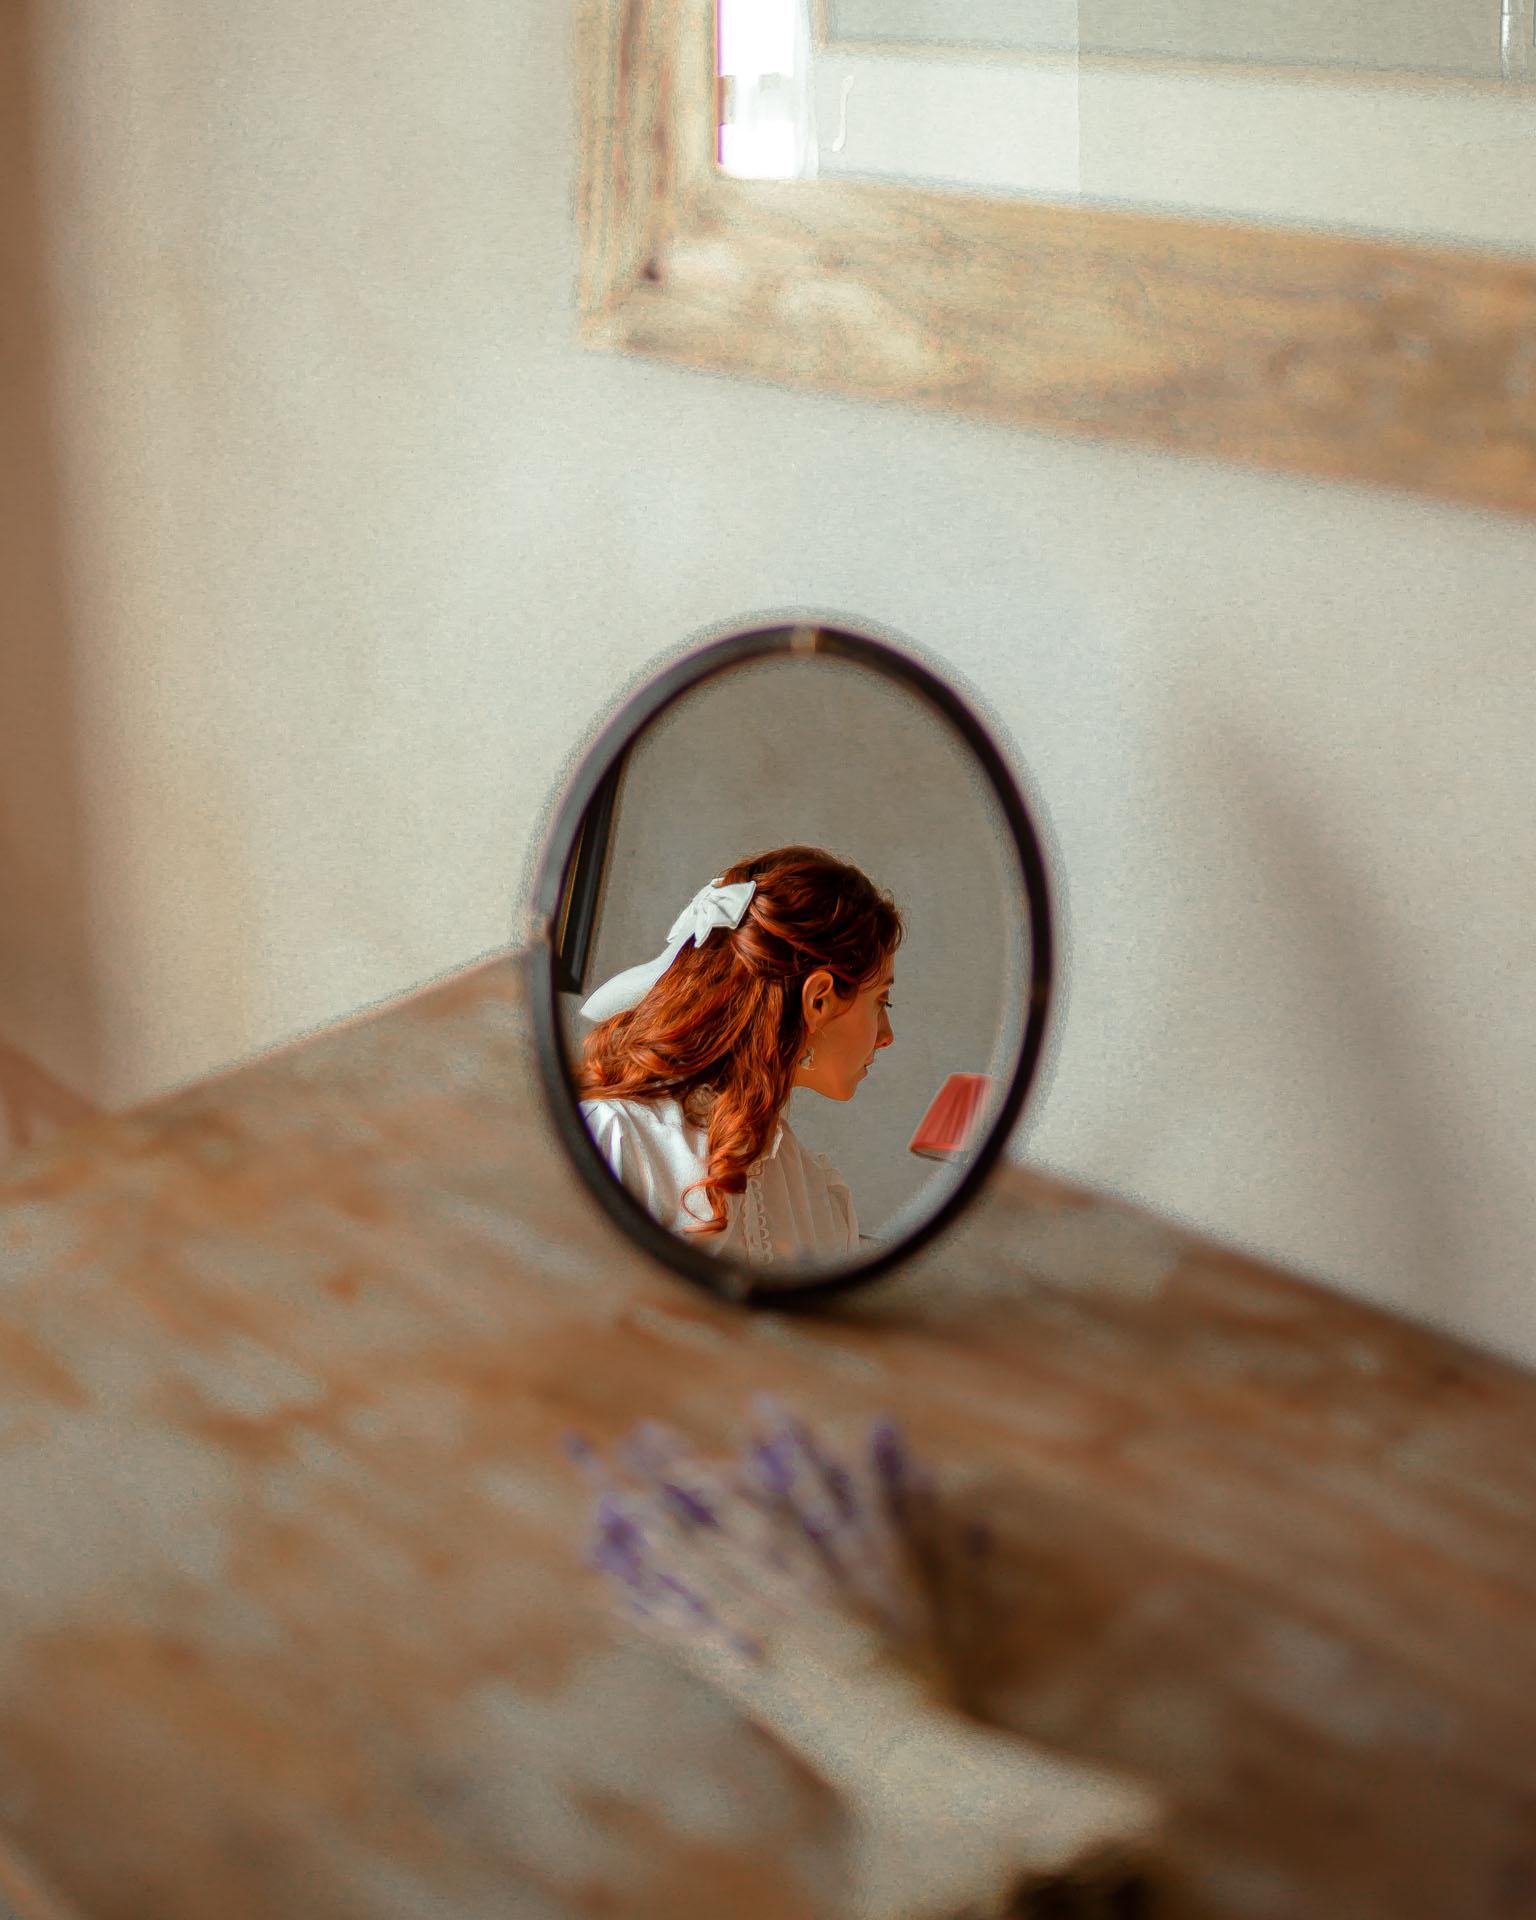 francesca riflessa in uno specchio